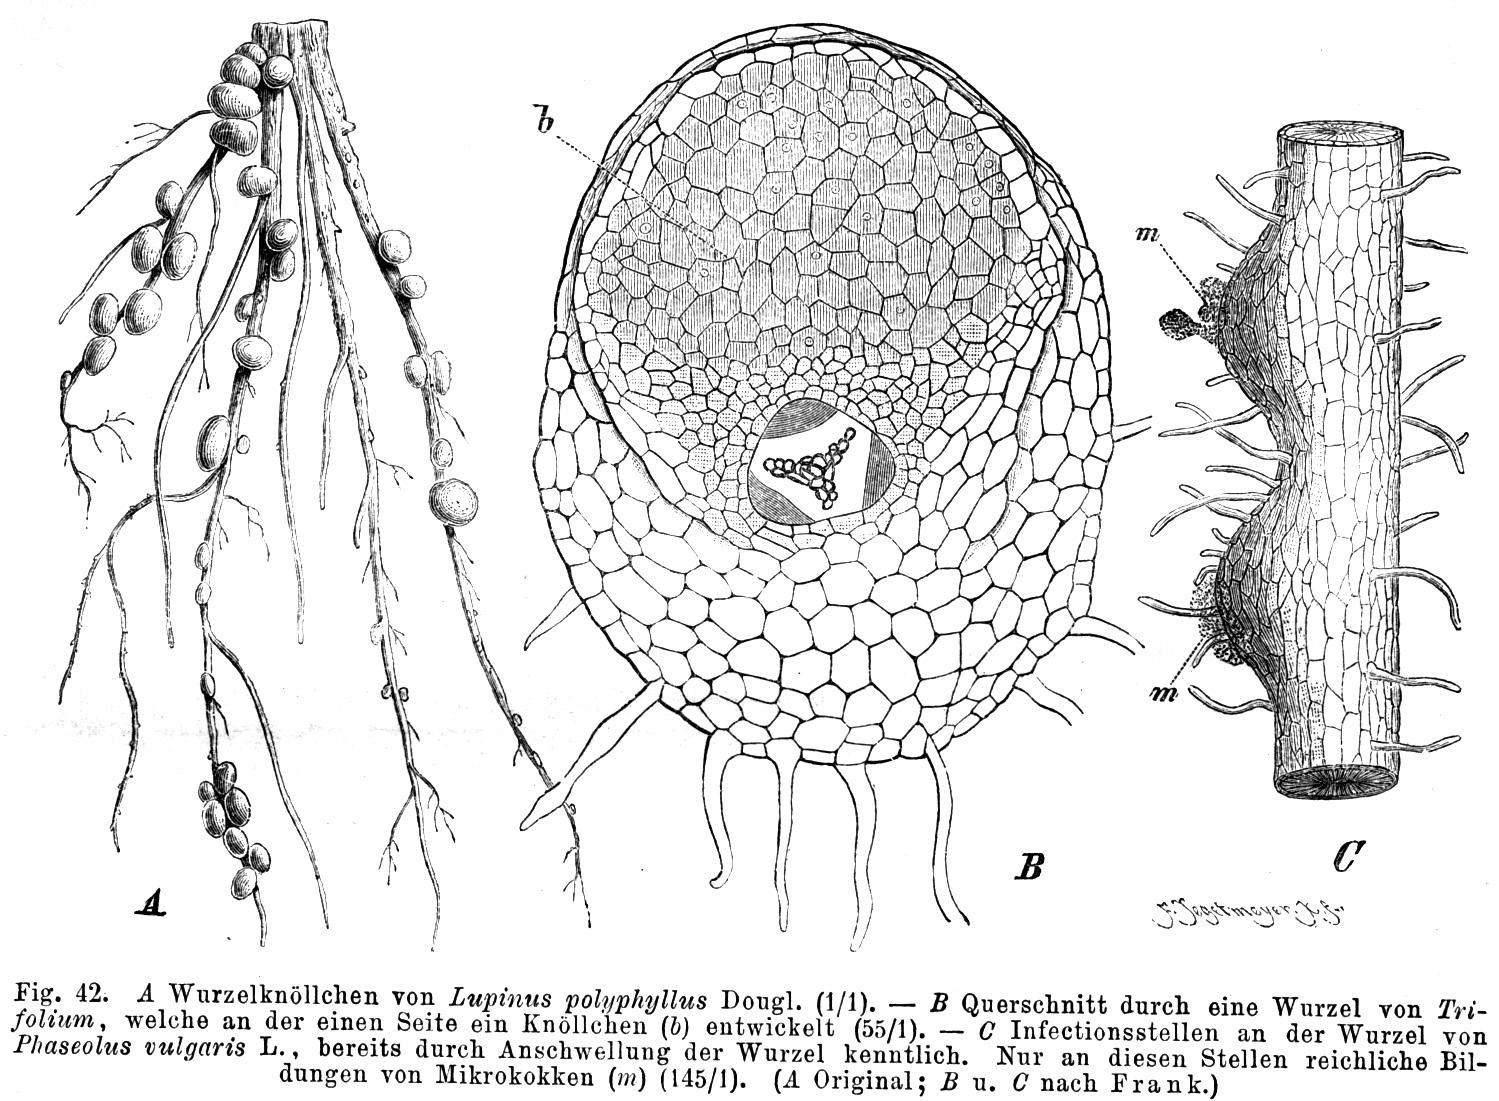 Wurzelknöllchen der Acacia mangium